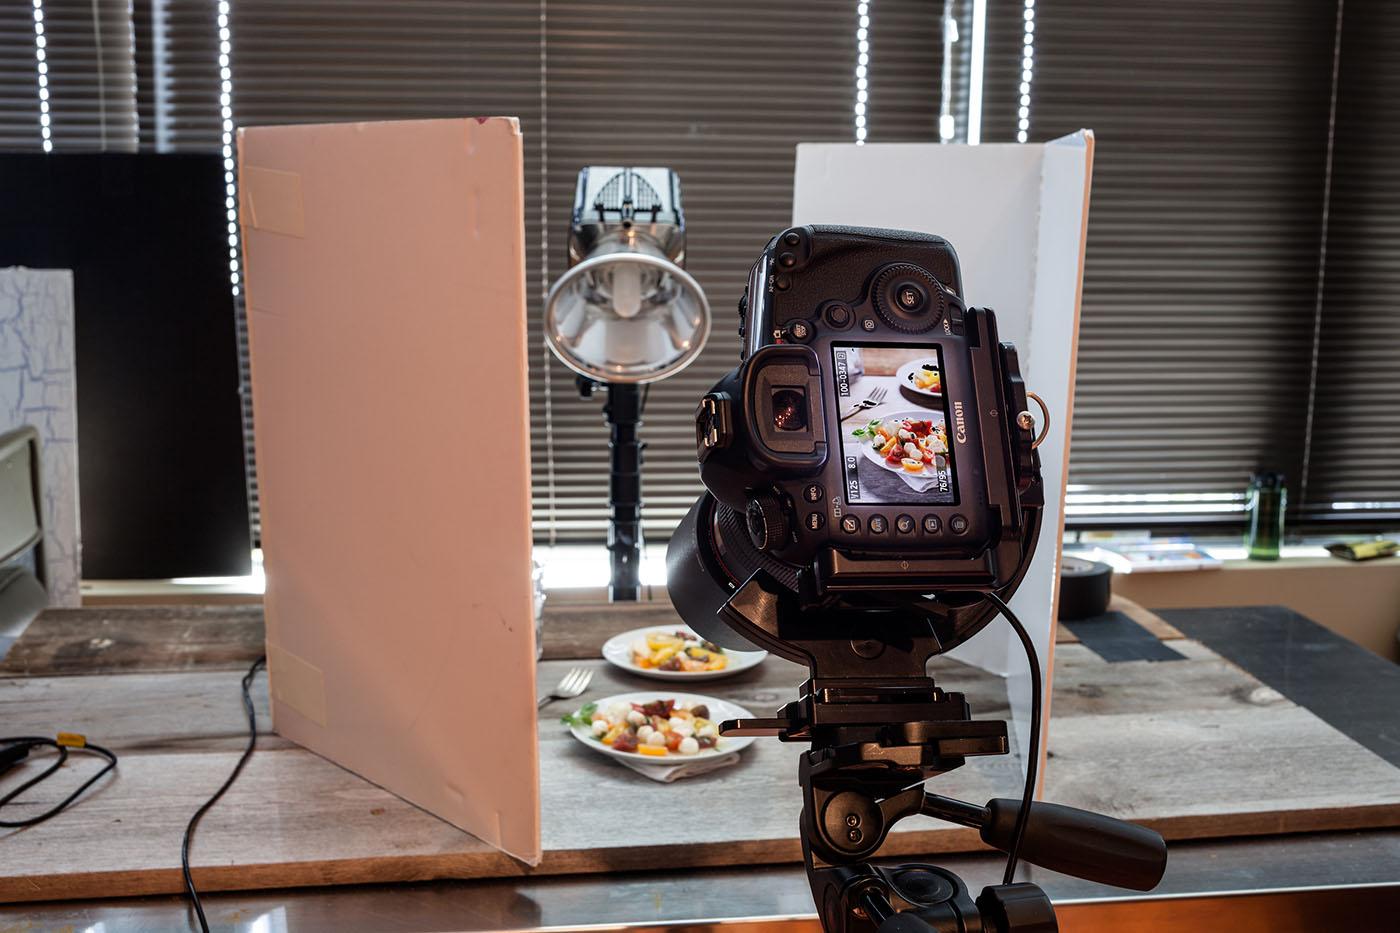 выбор правильной камеры для фуд фото ноуте очень удобный